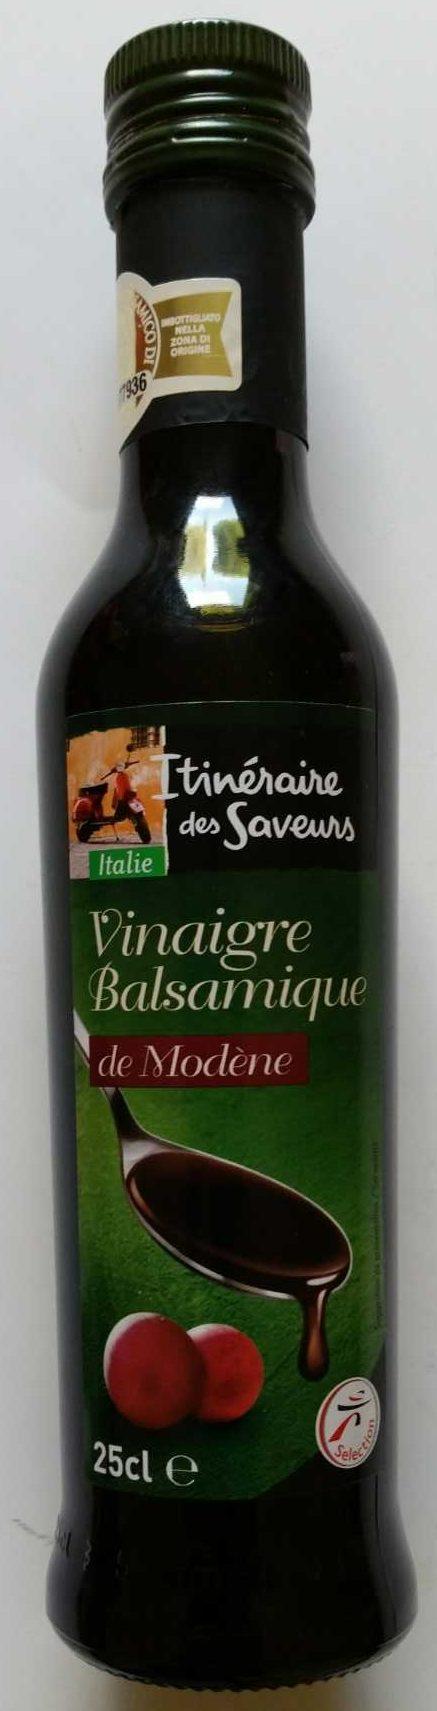 Vinaigre balsamique de Modène - Produit